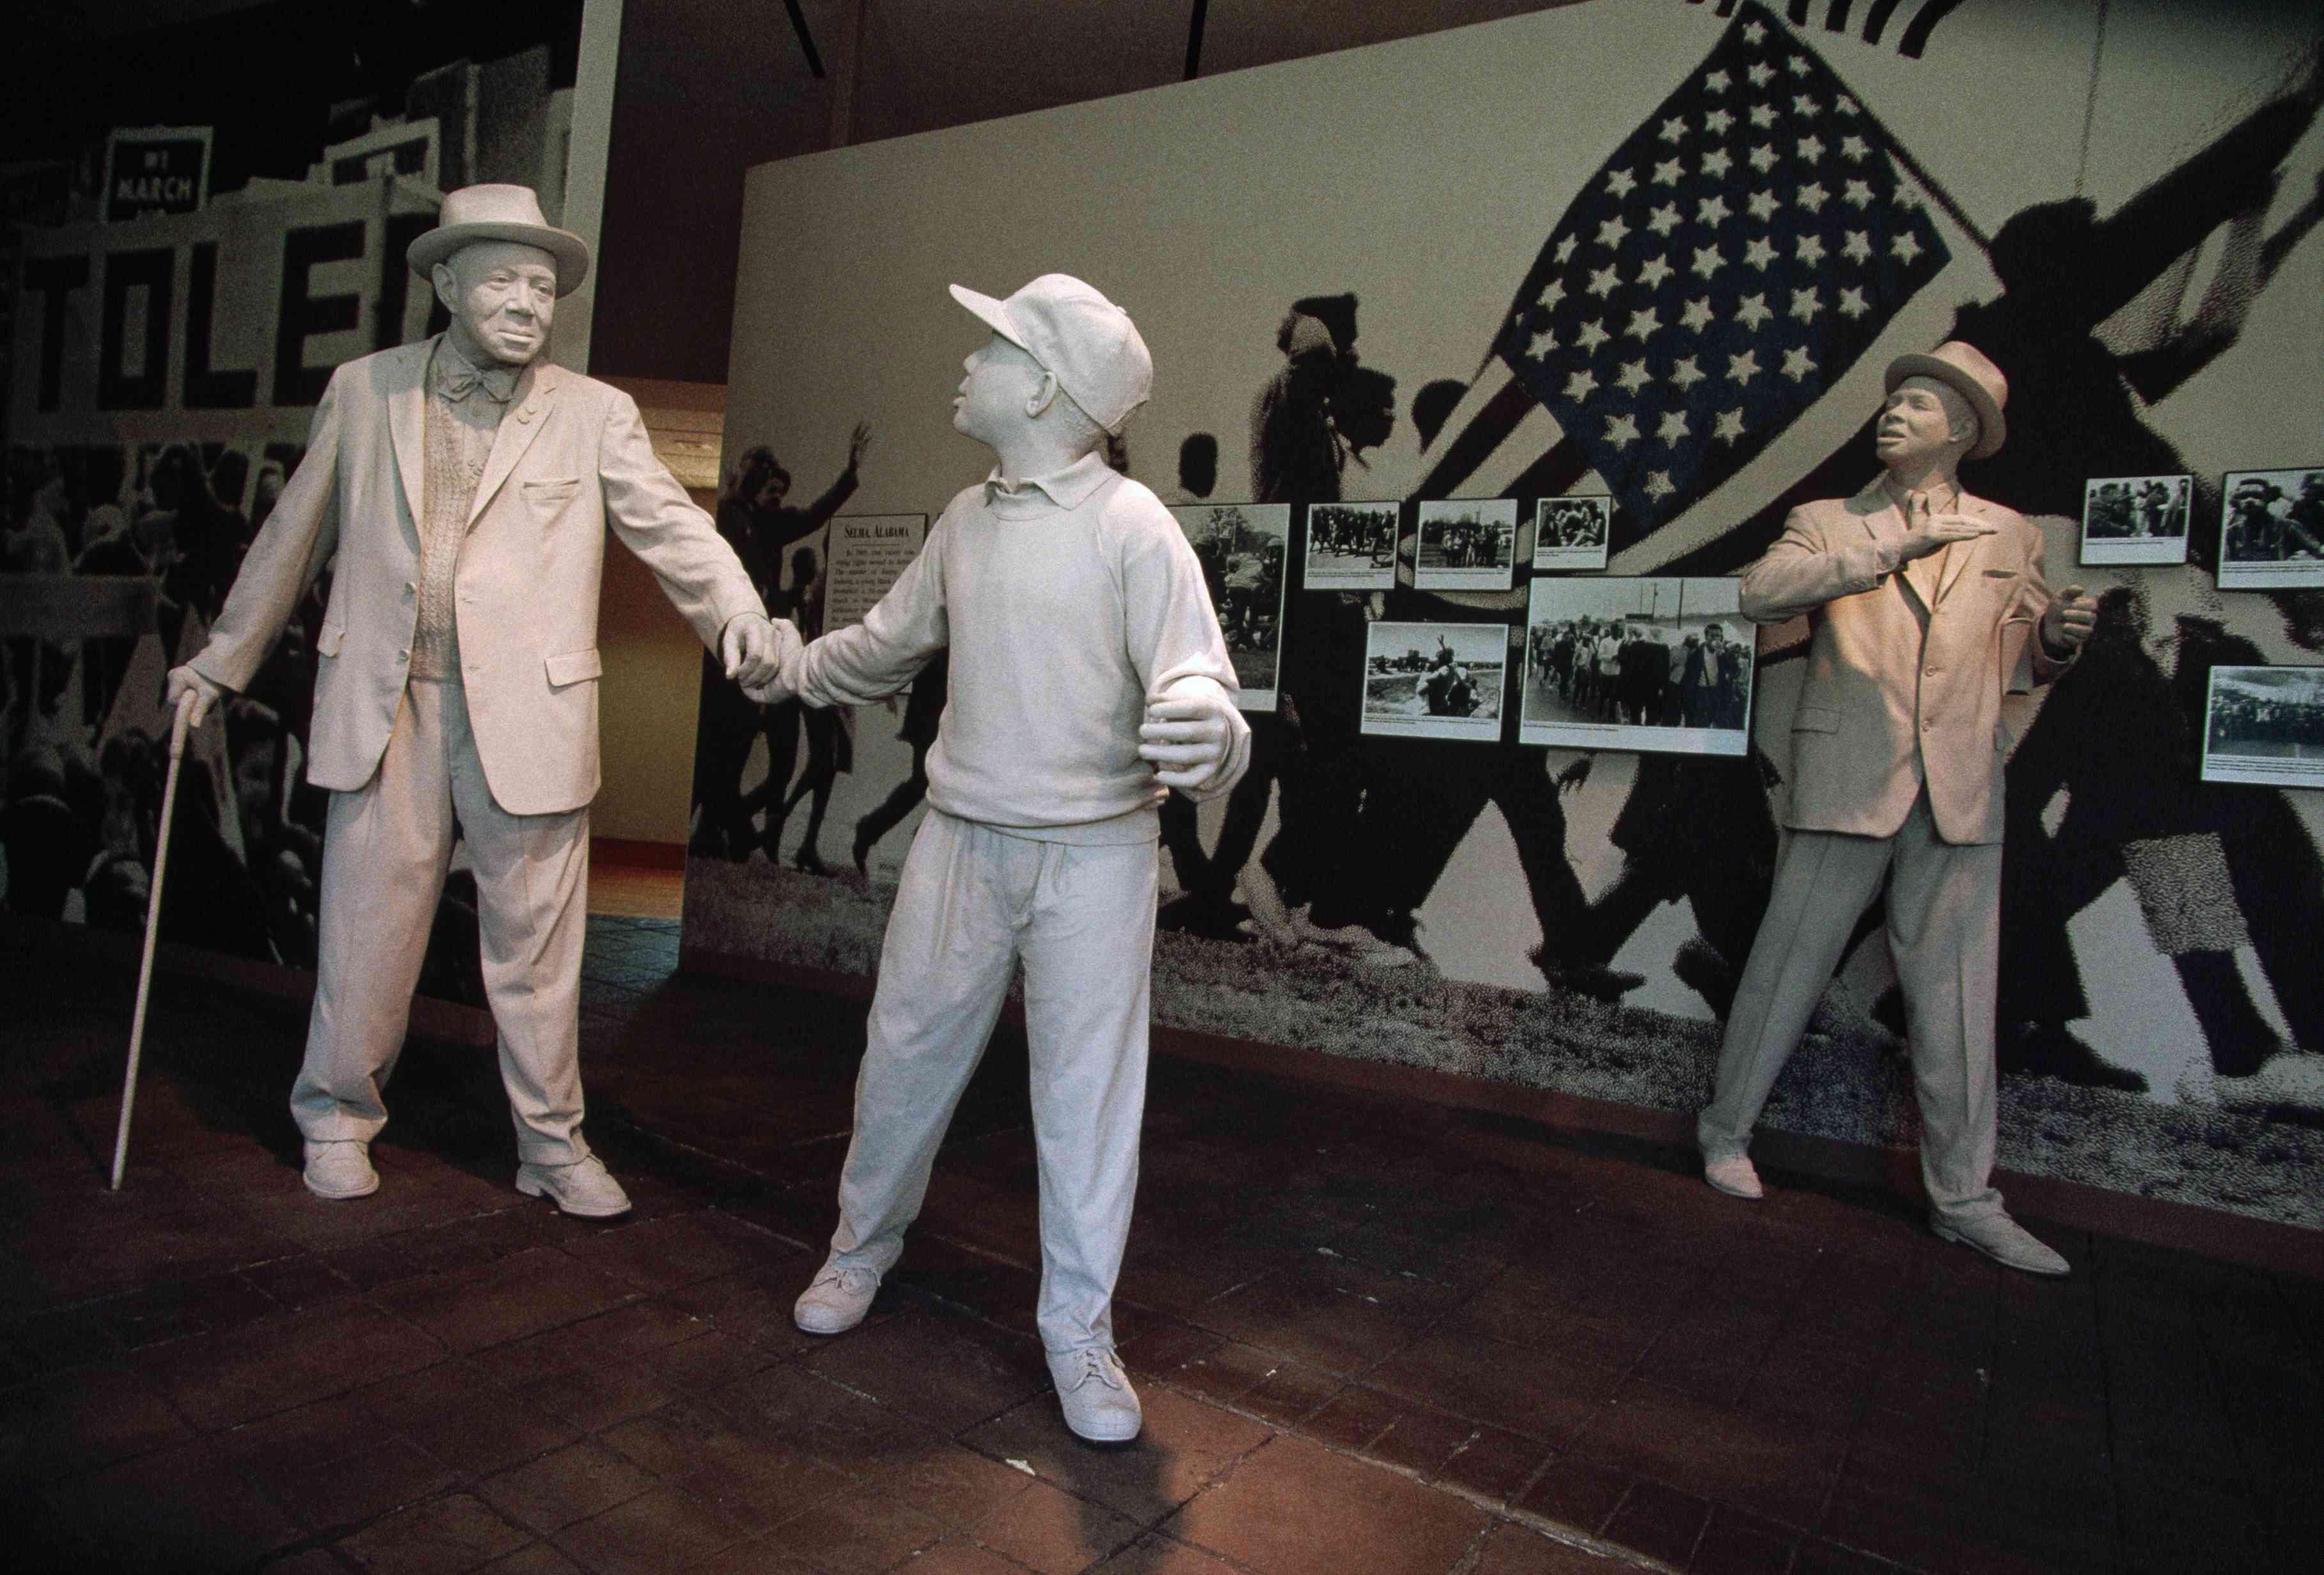 An Exhibit in the Birmingham Civil Rights Institute